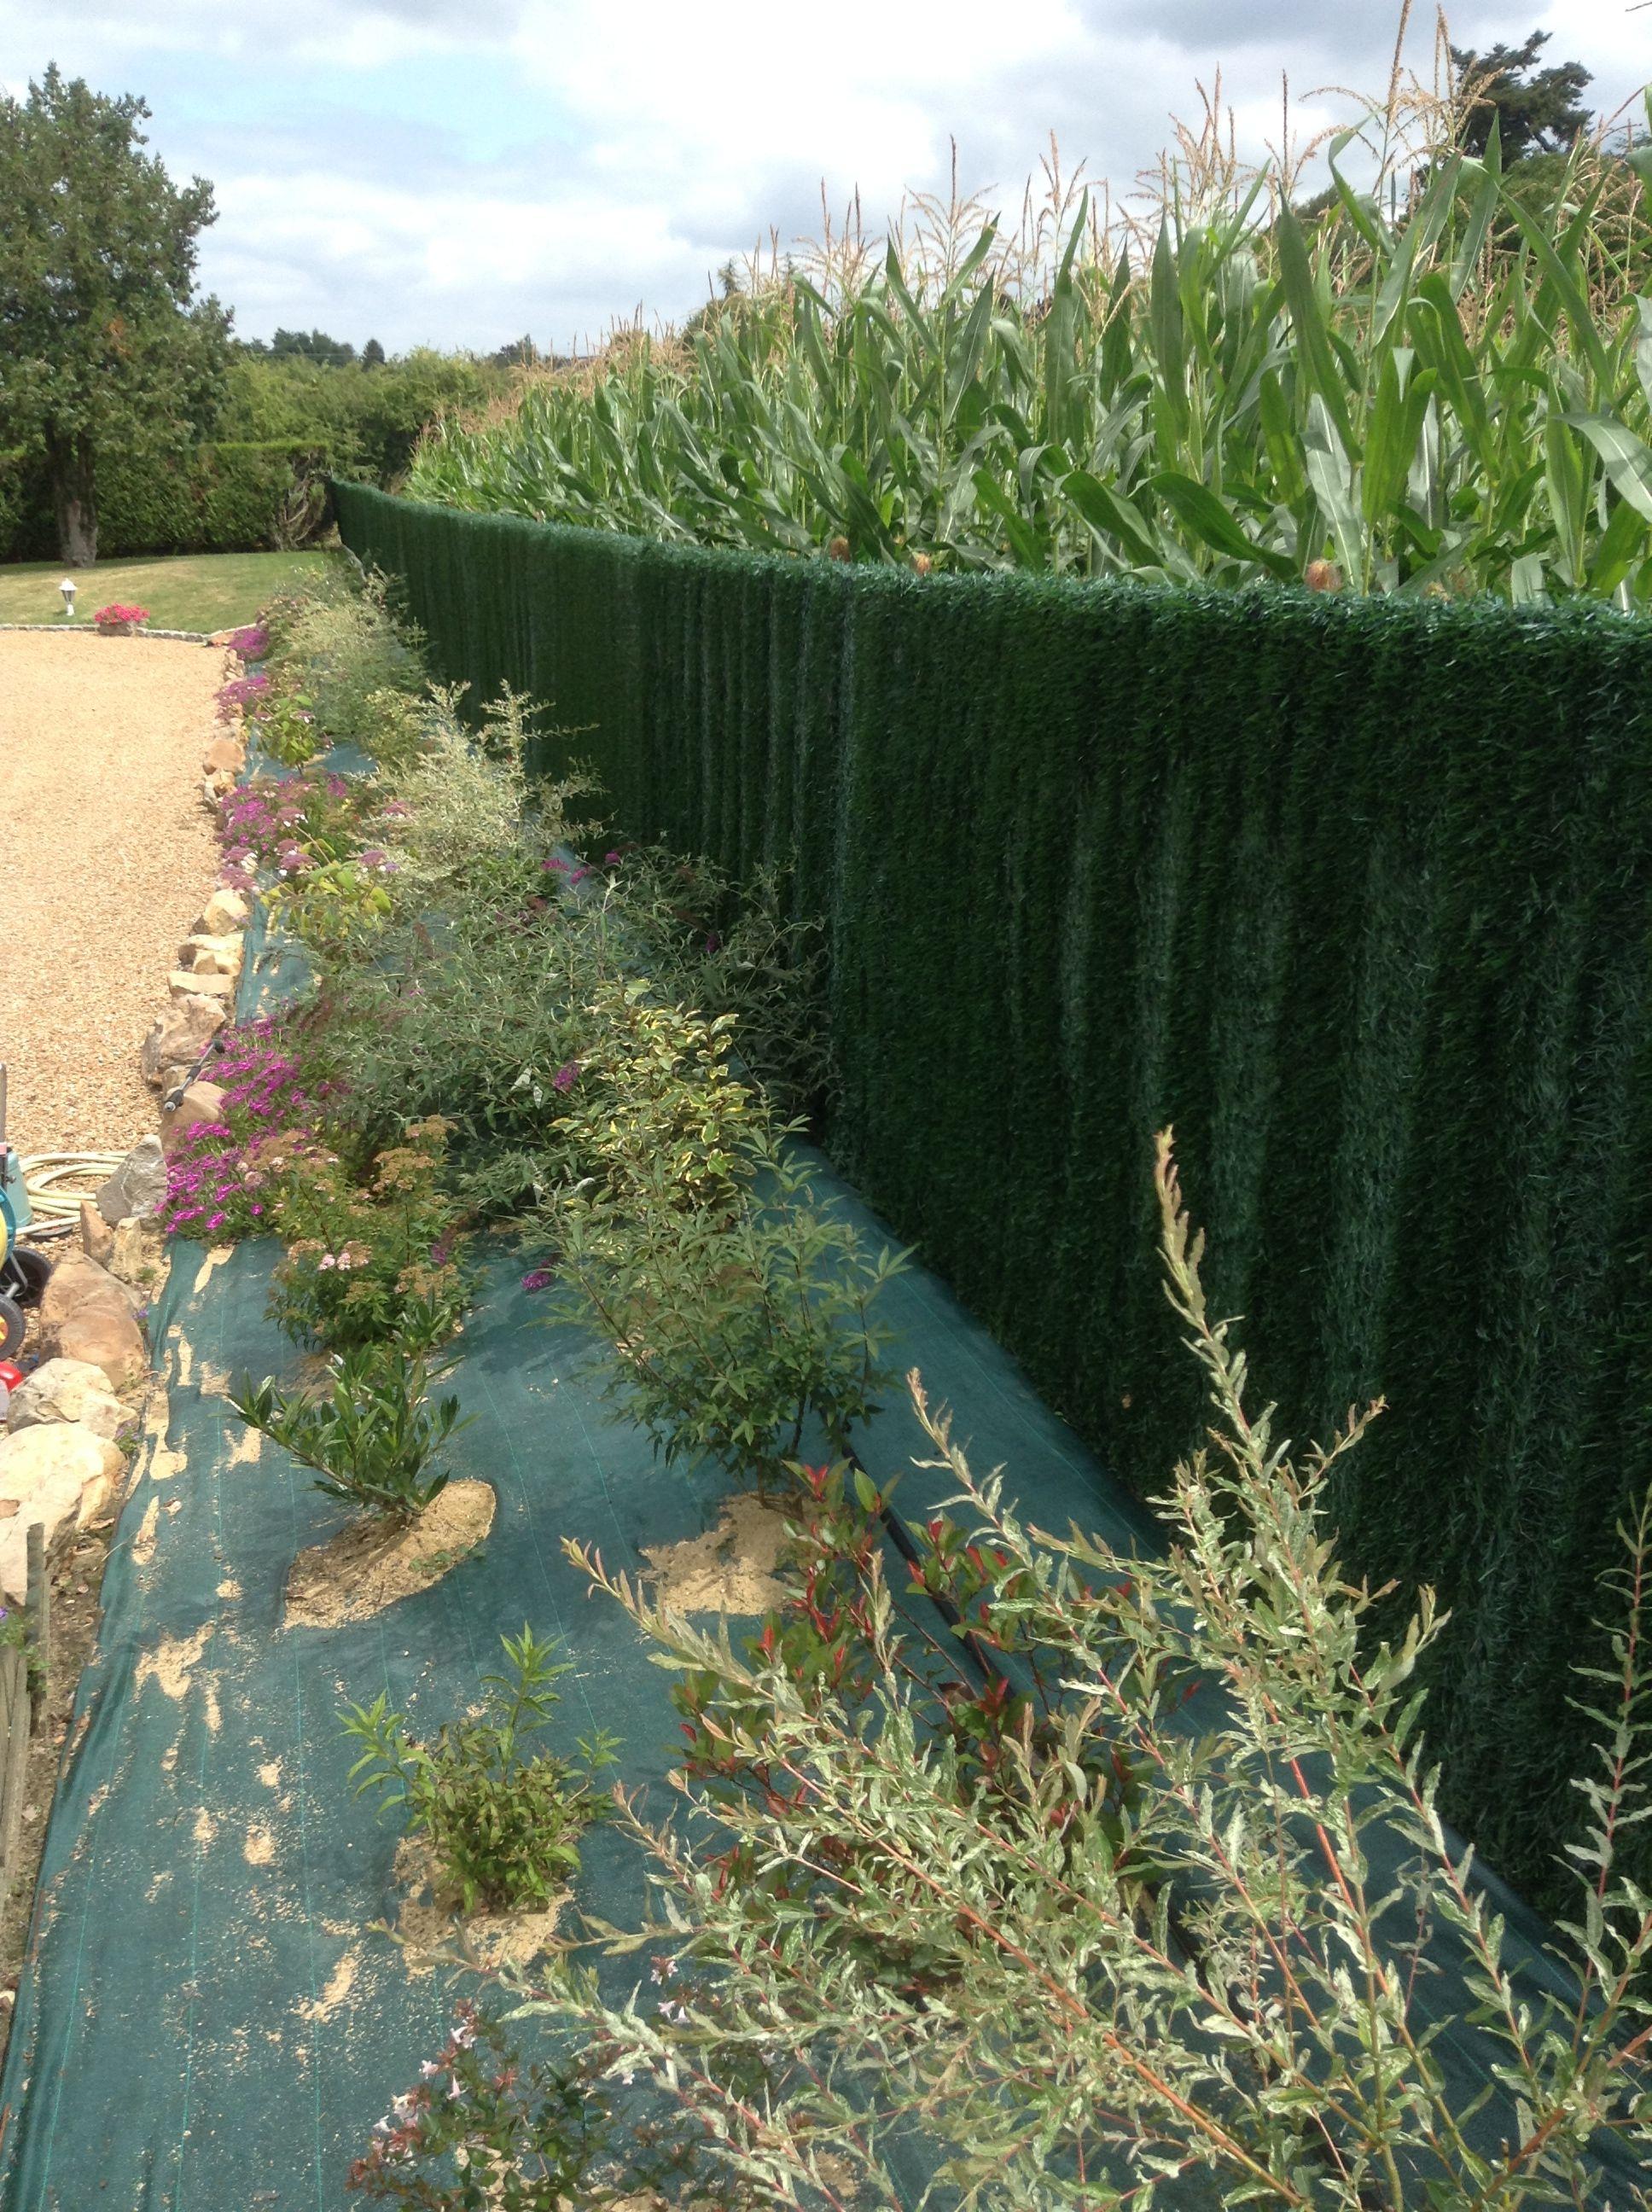 La Toile De Paillage 96 Grammes Existe Aussi En 130 Grammes Classique Ou Biodegradable Toile De Paillage Paillage Jardin Toile